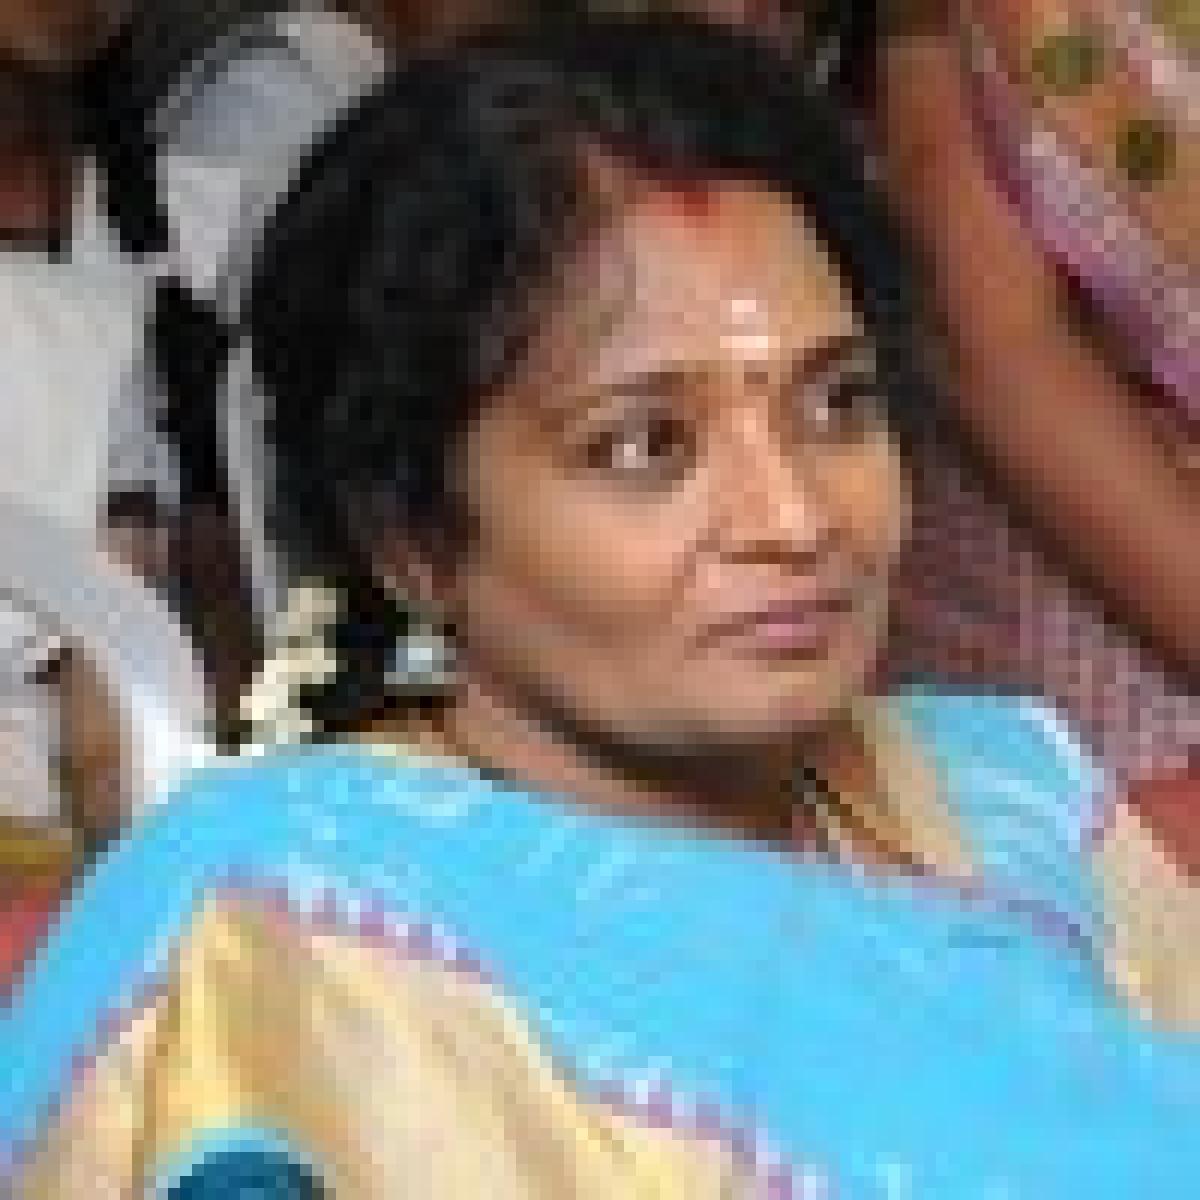 மாண்டலின் ஸ்ரீனிவாஸ் மறைவுக்கு ஜெயலலிதா, தமிழசை இரங்கல்!